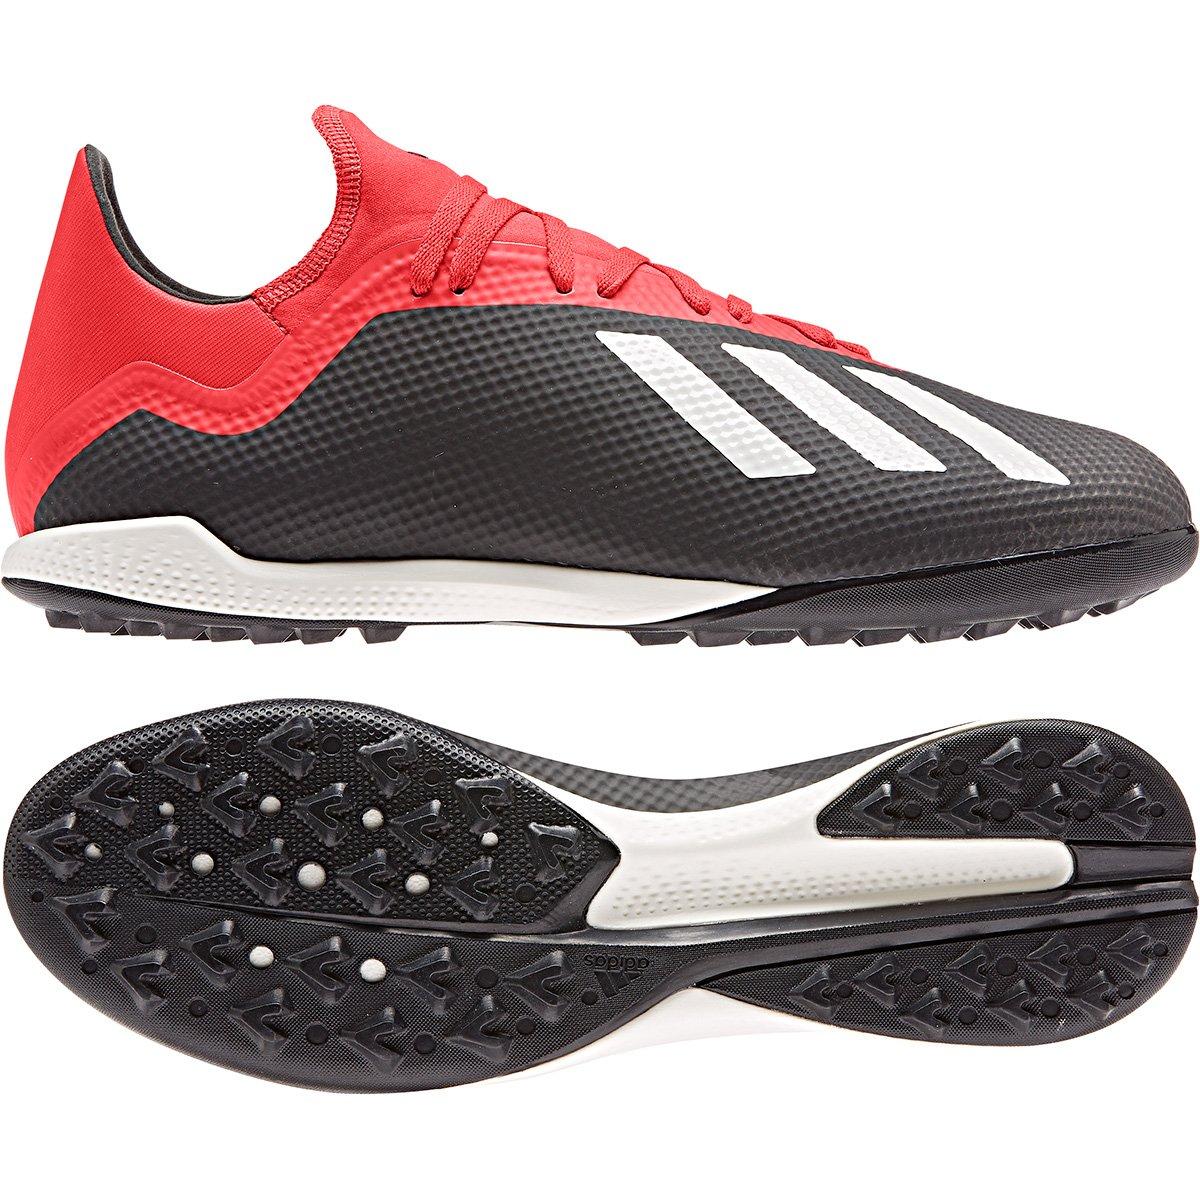 8beb03dd9d835 Chuteira Society Adidas X 18 3 TF - Preto e Vermelho - Compre Agora ...